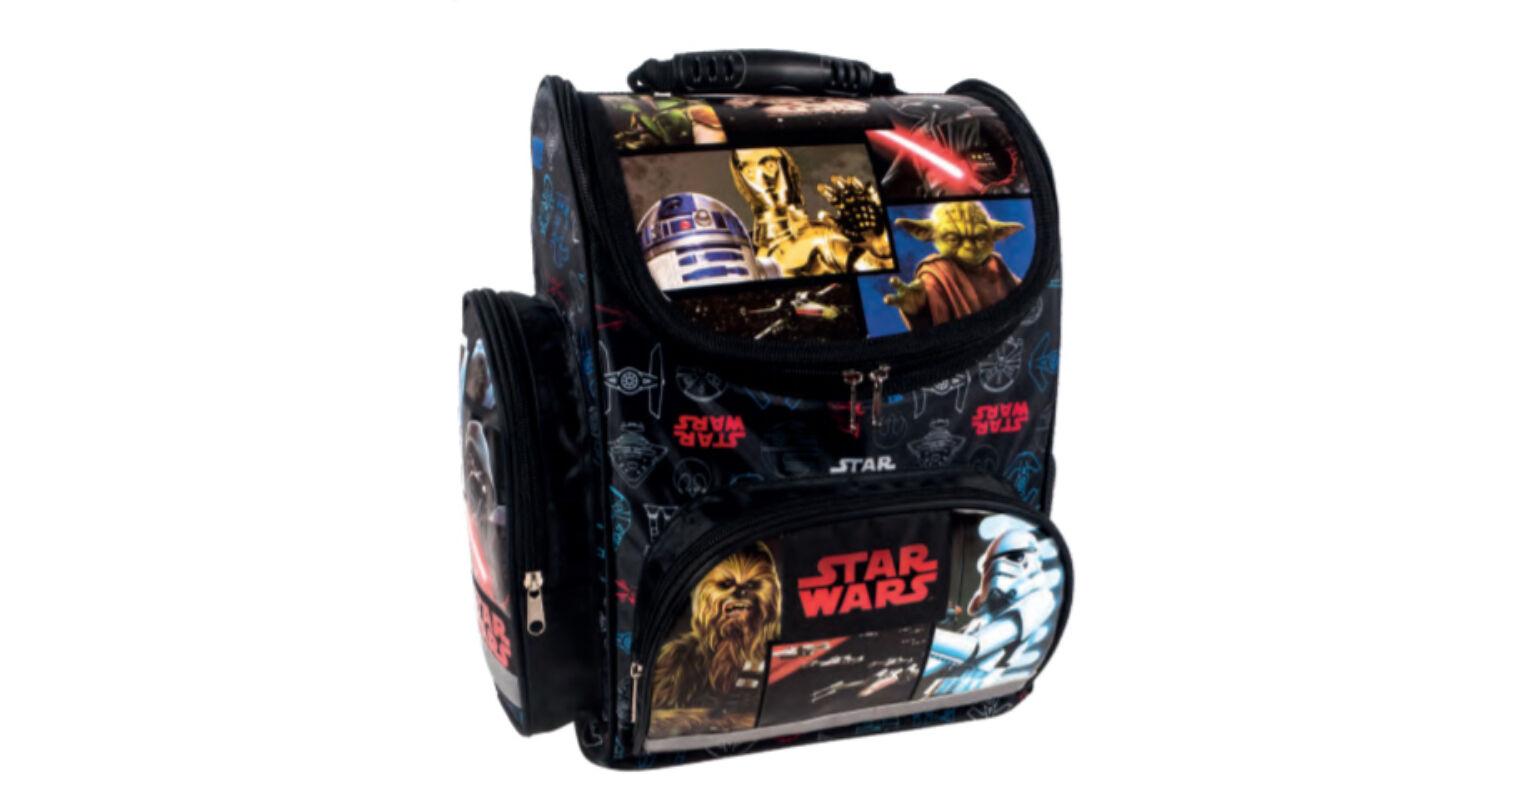 7314d2df21ba Star Wars ergonomikus iskolatáska, hátizsák 21.283 Ft-os áron!